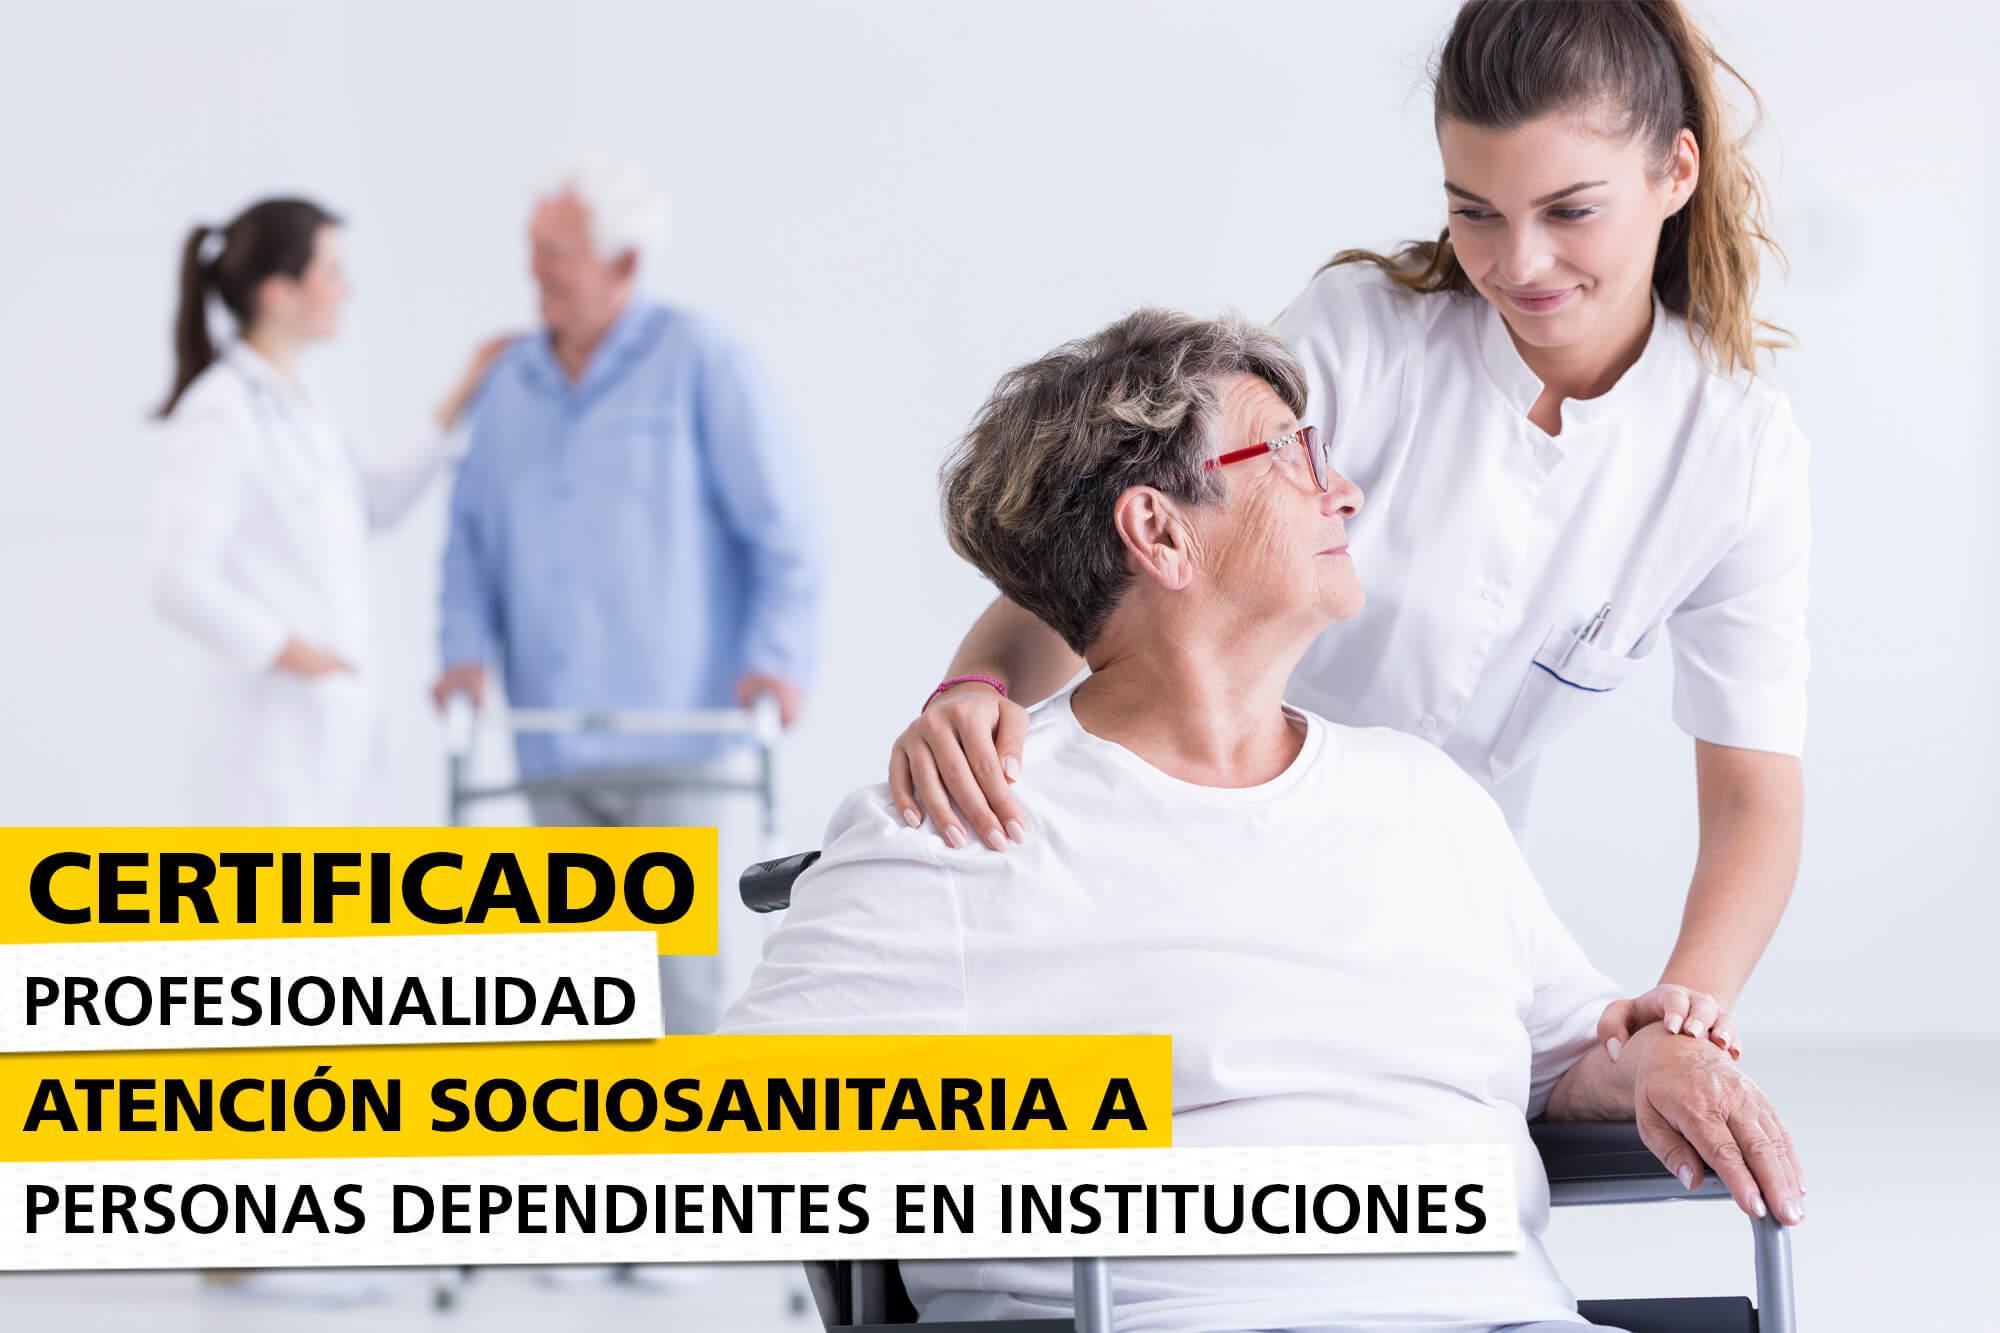 img-destacada-certificado-profesionalidad-atencion-sociosanitaria-personas-dependientes-institu